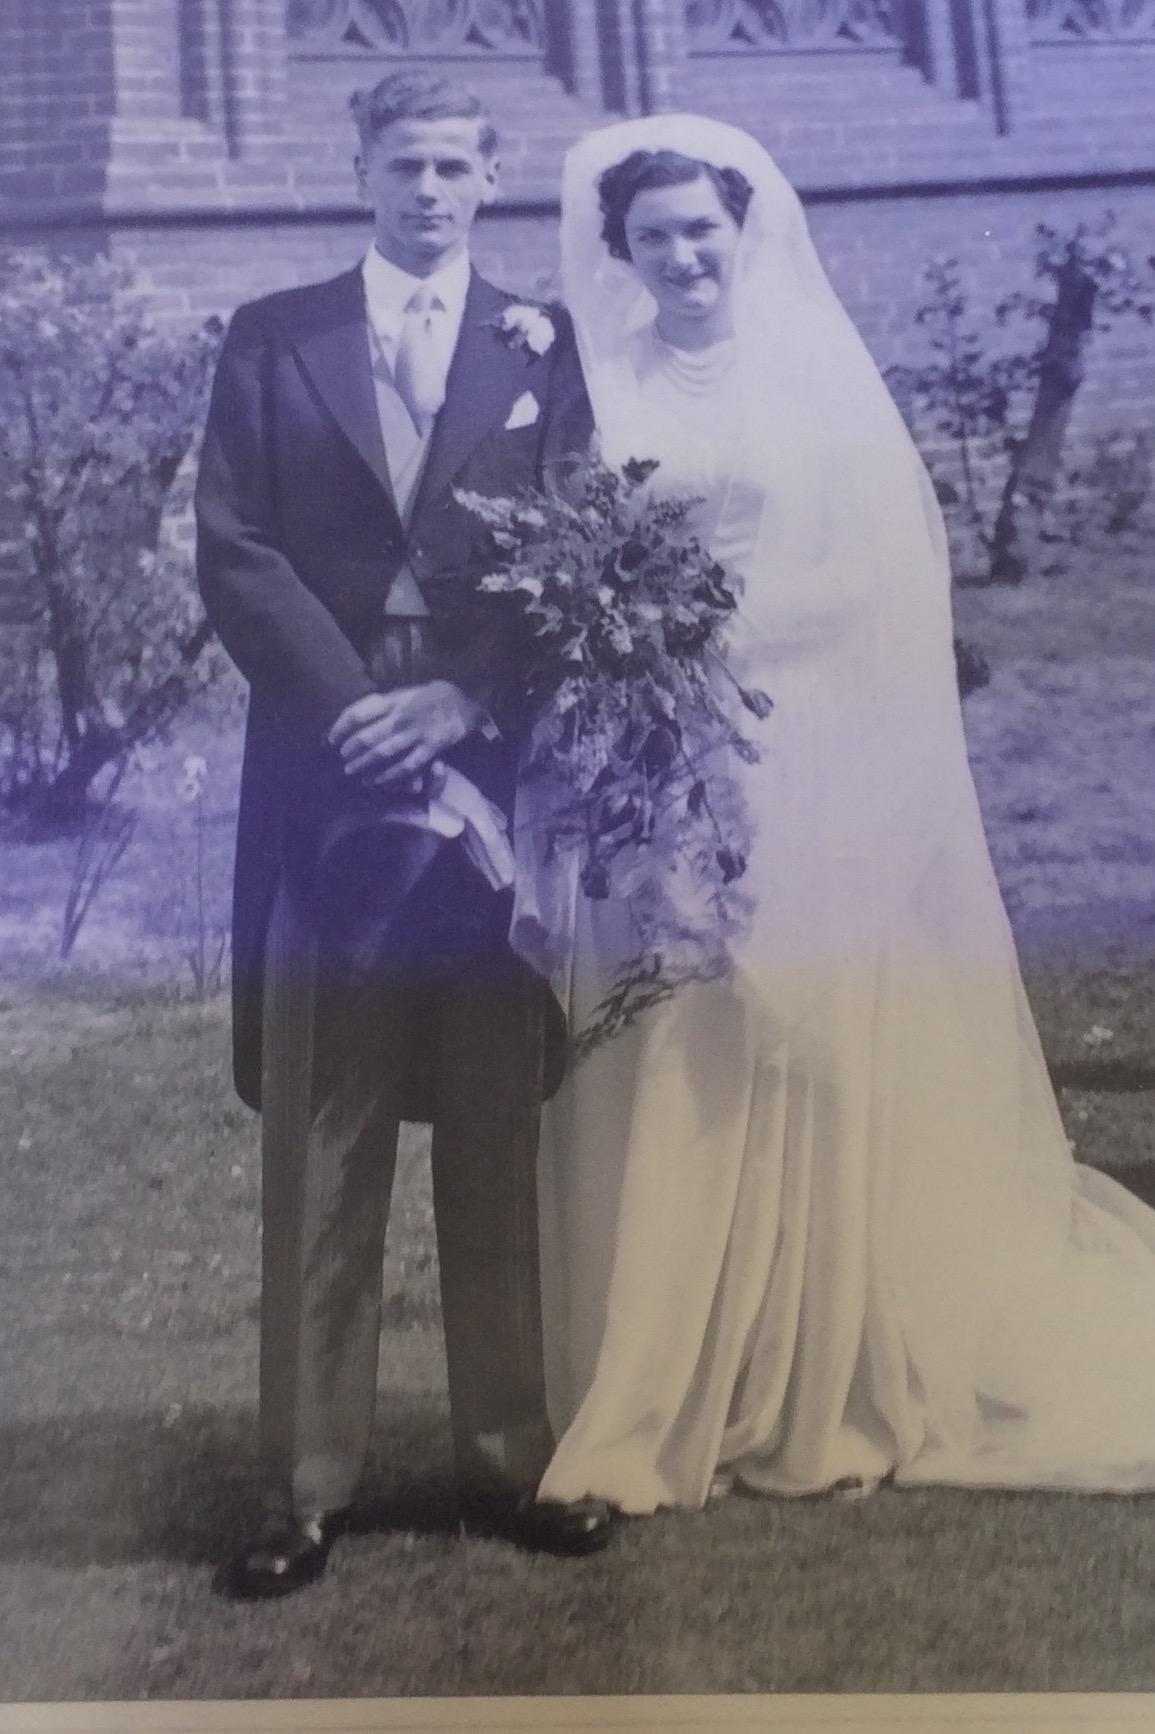 Margaret & Derwent on their Wedding Day